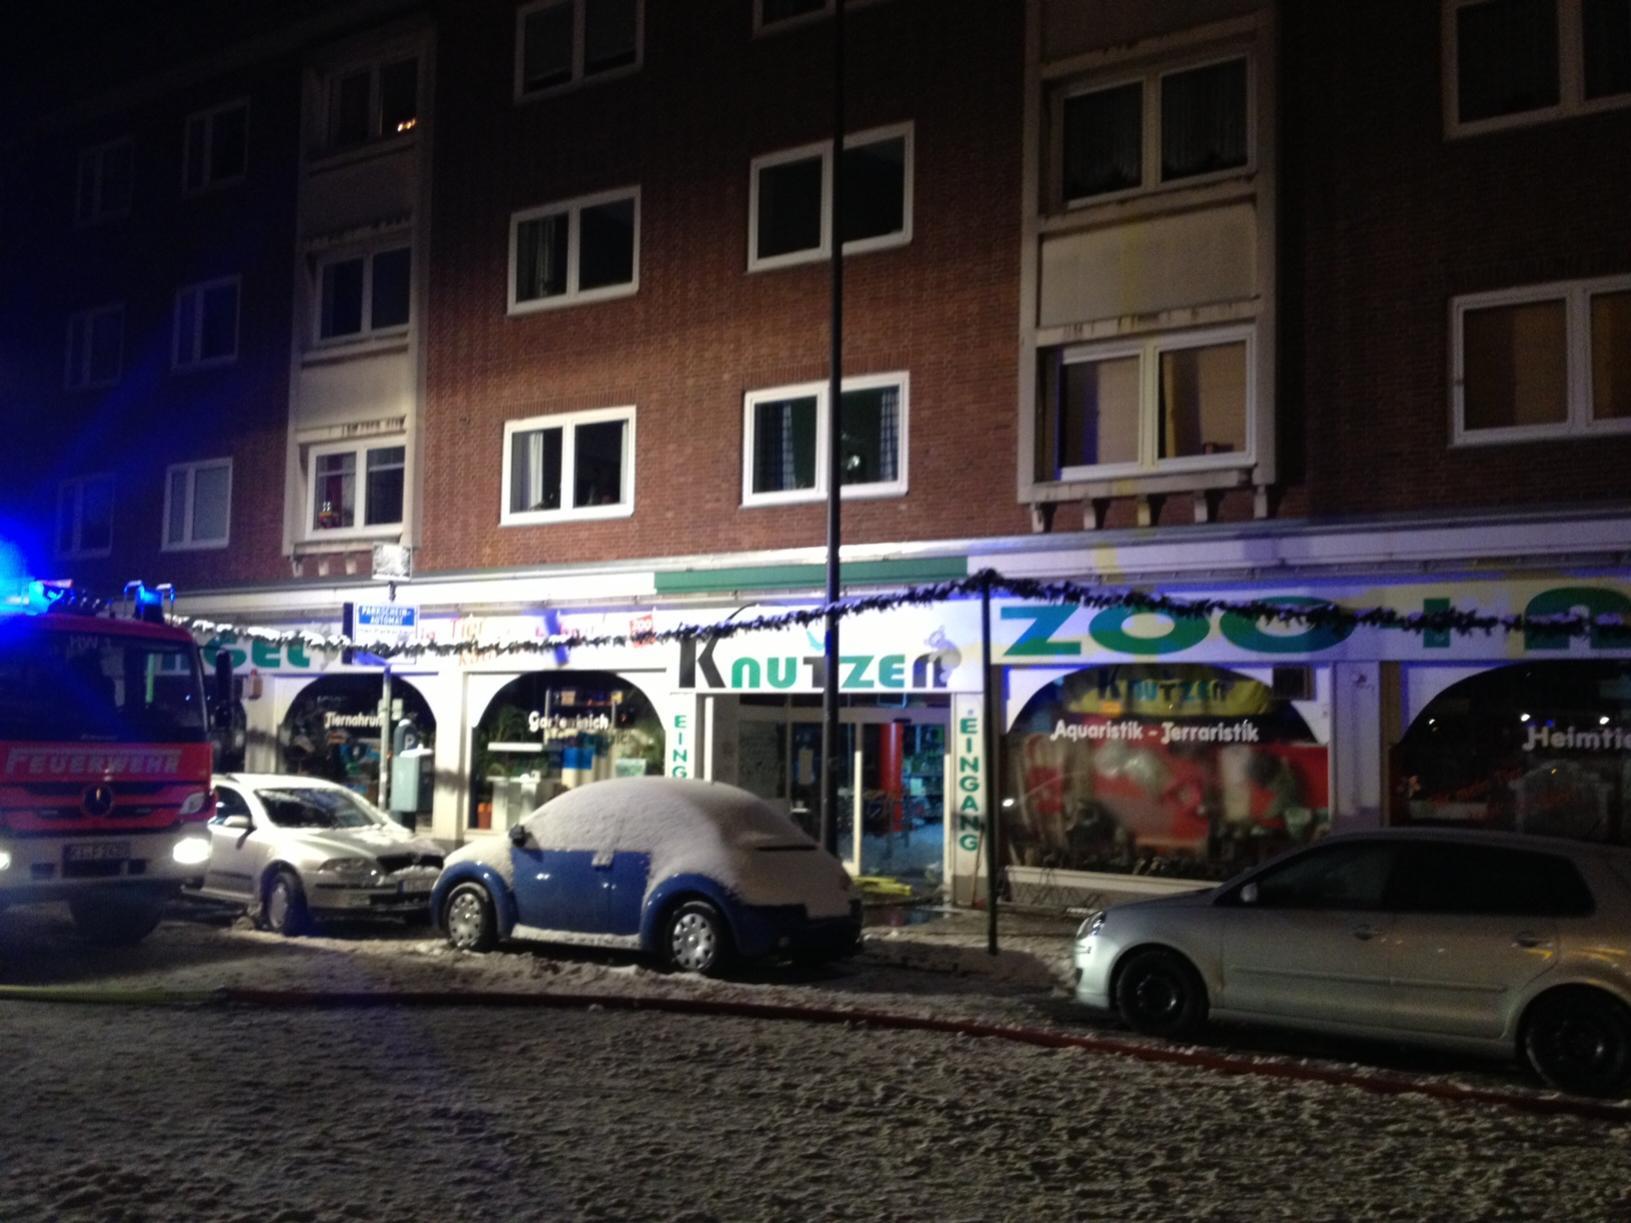 KIELisREAL  Feuer in Zoohandlung Knutzen Kiel